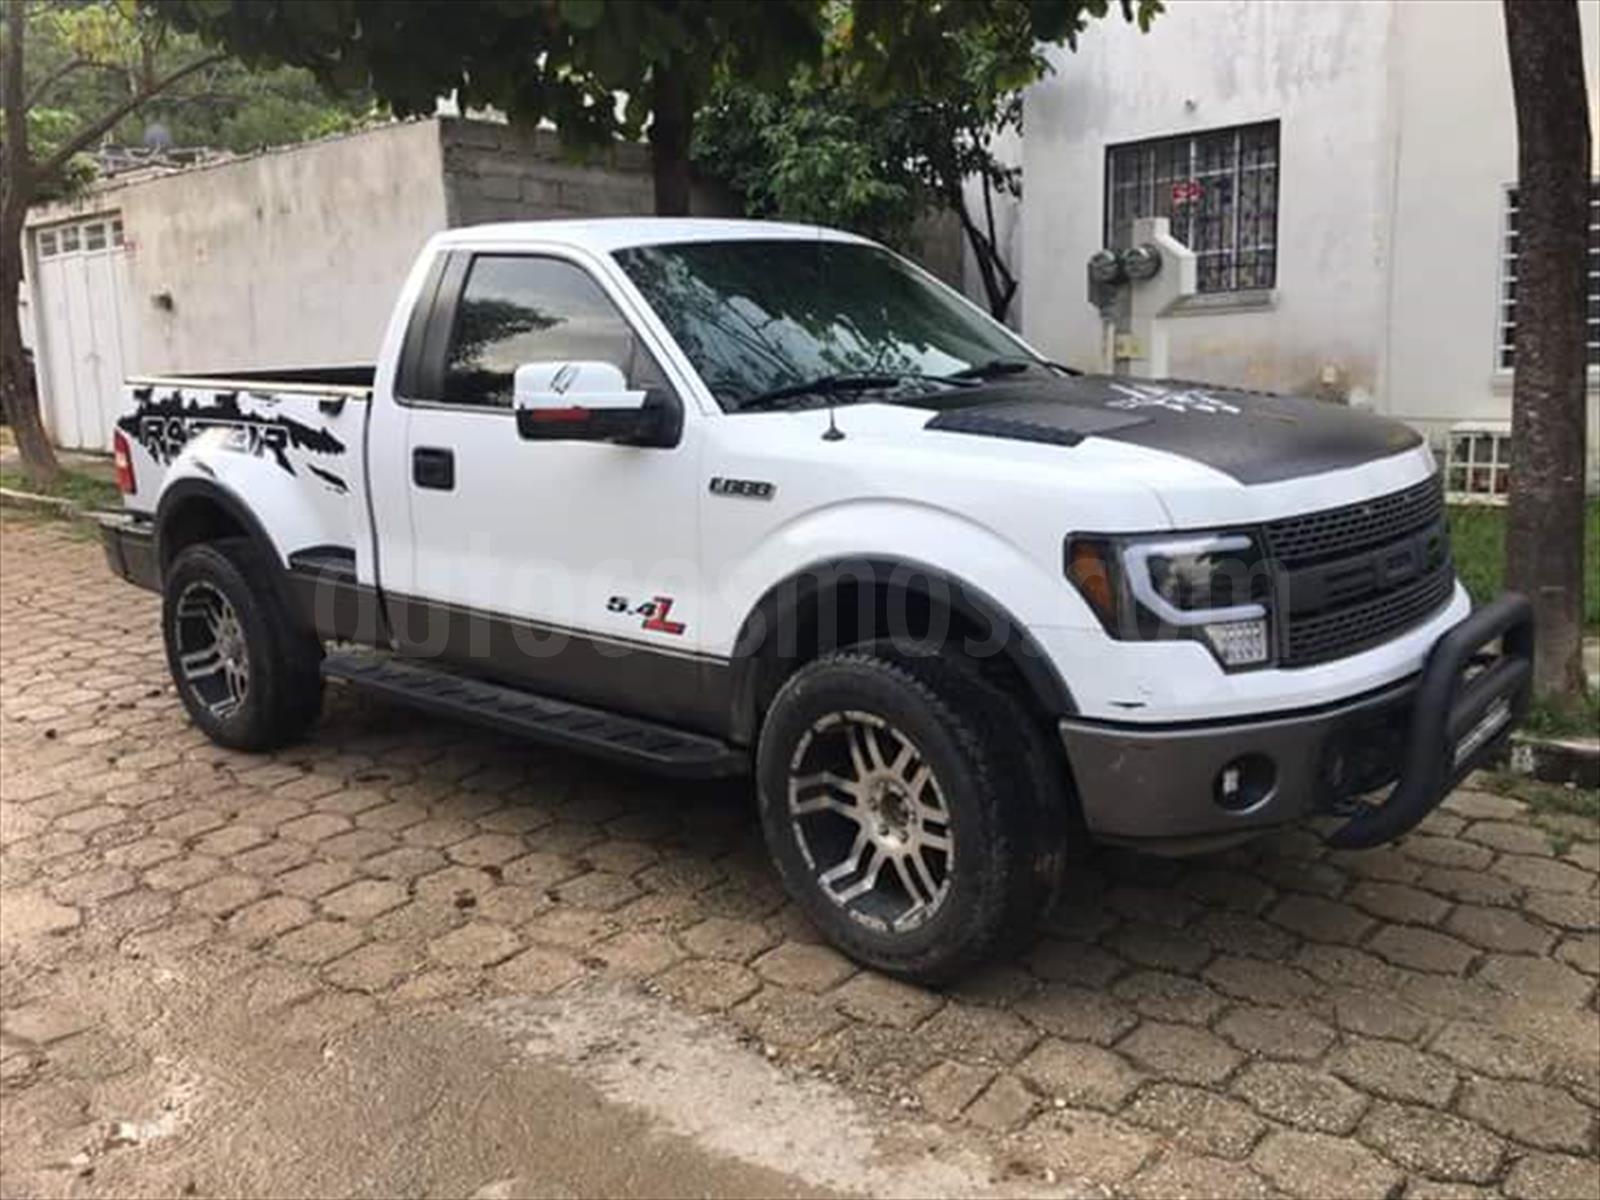 Venta autos usado - Chiapas - Ford Lobo Sport FX4 4x4